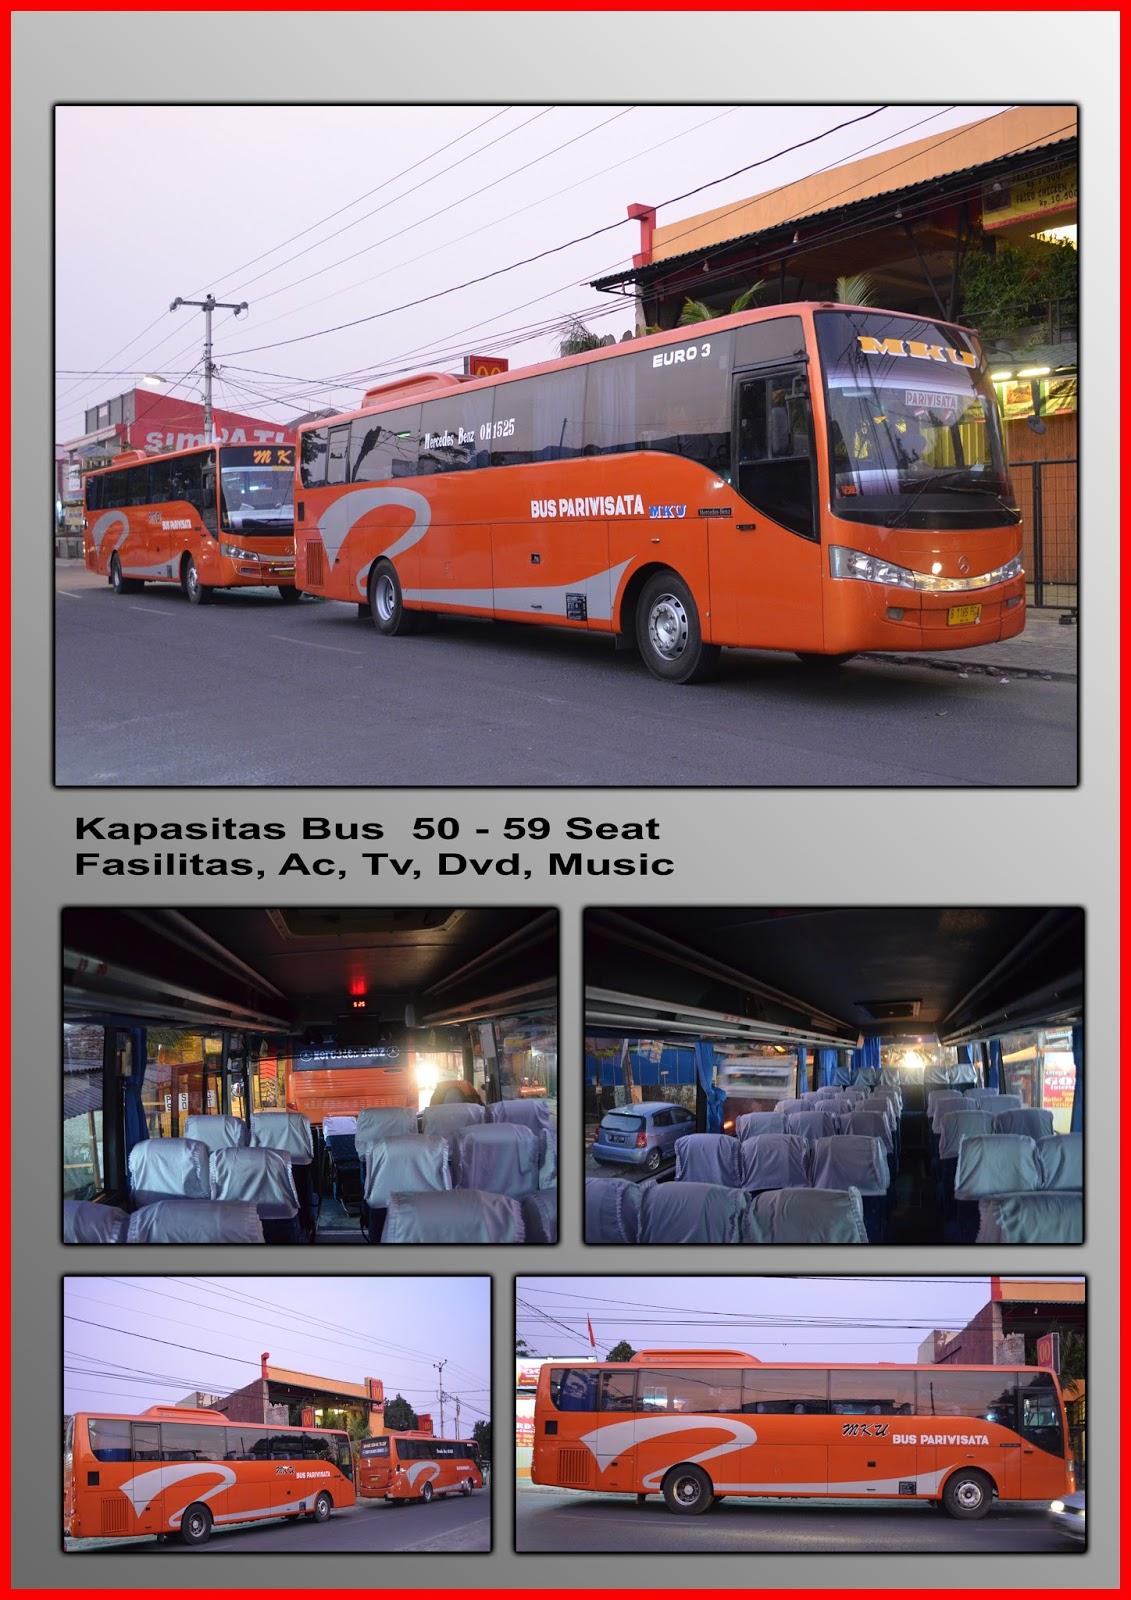 Bus Pariwisata & Elf - IMS Tours: Bus Pariwisata dan Mobil ELF